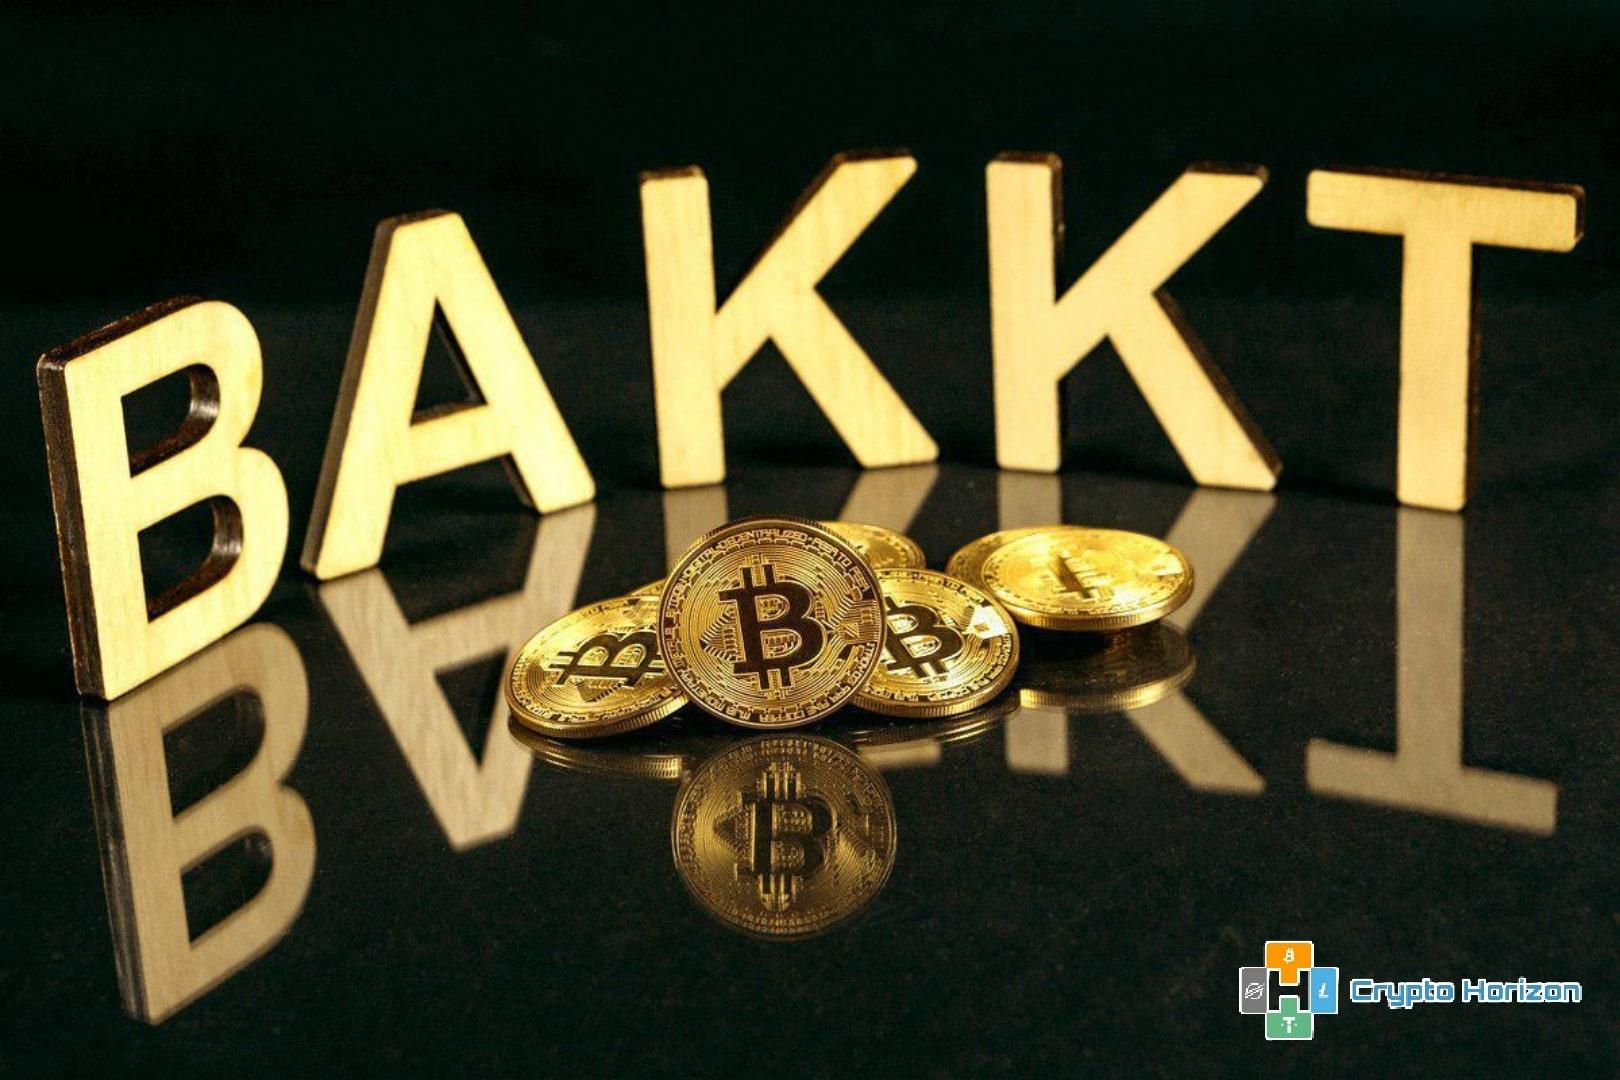 شركة Bakkt